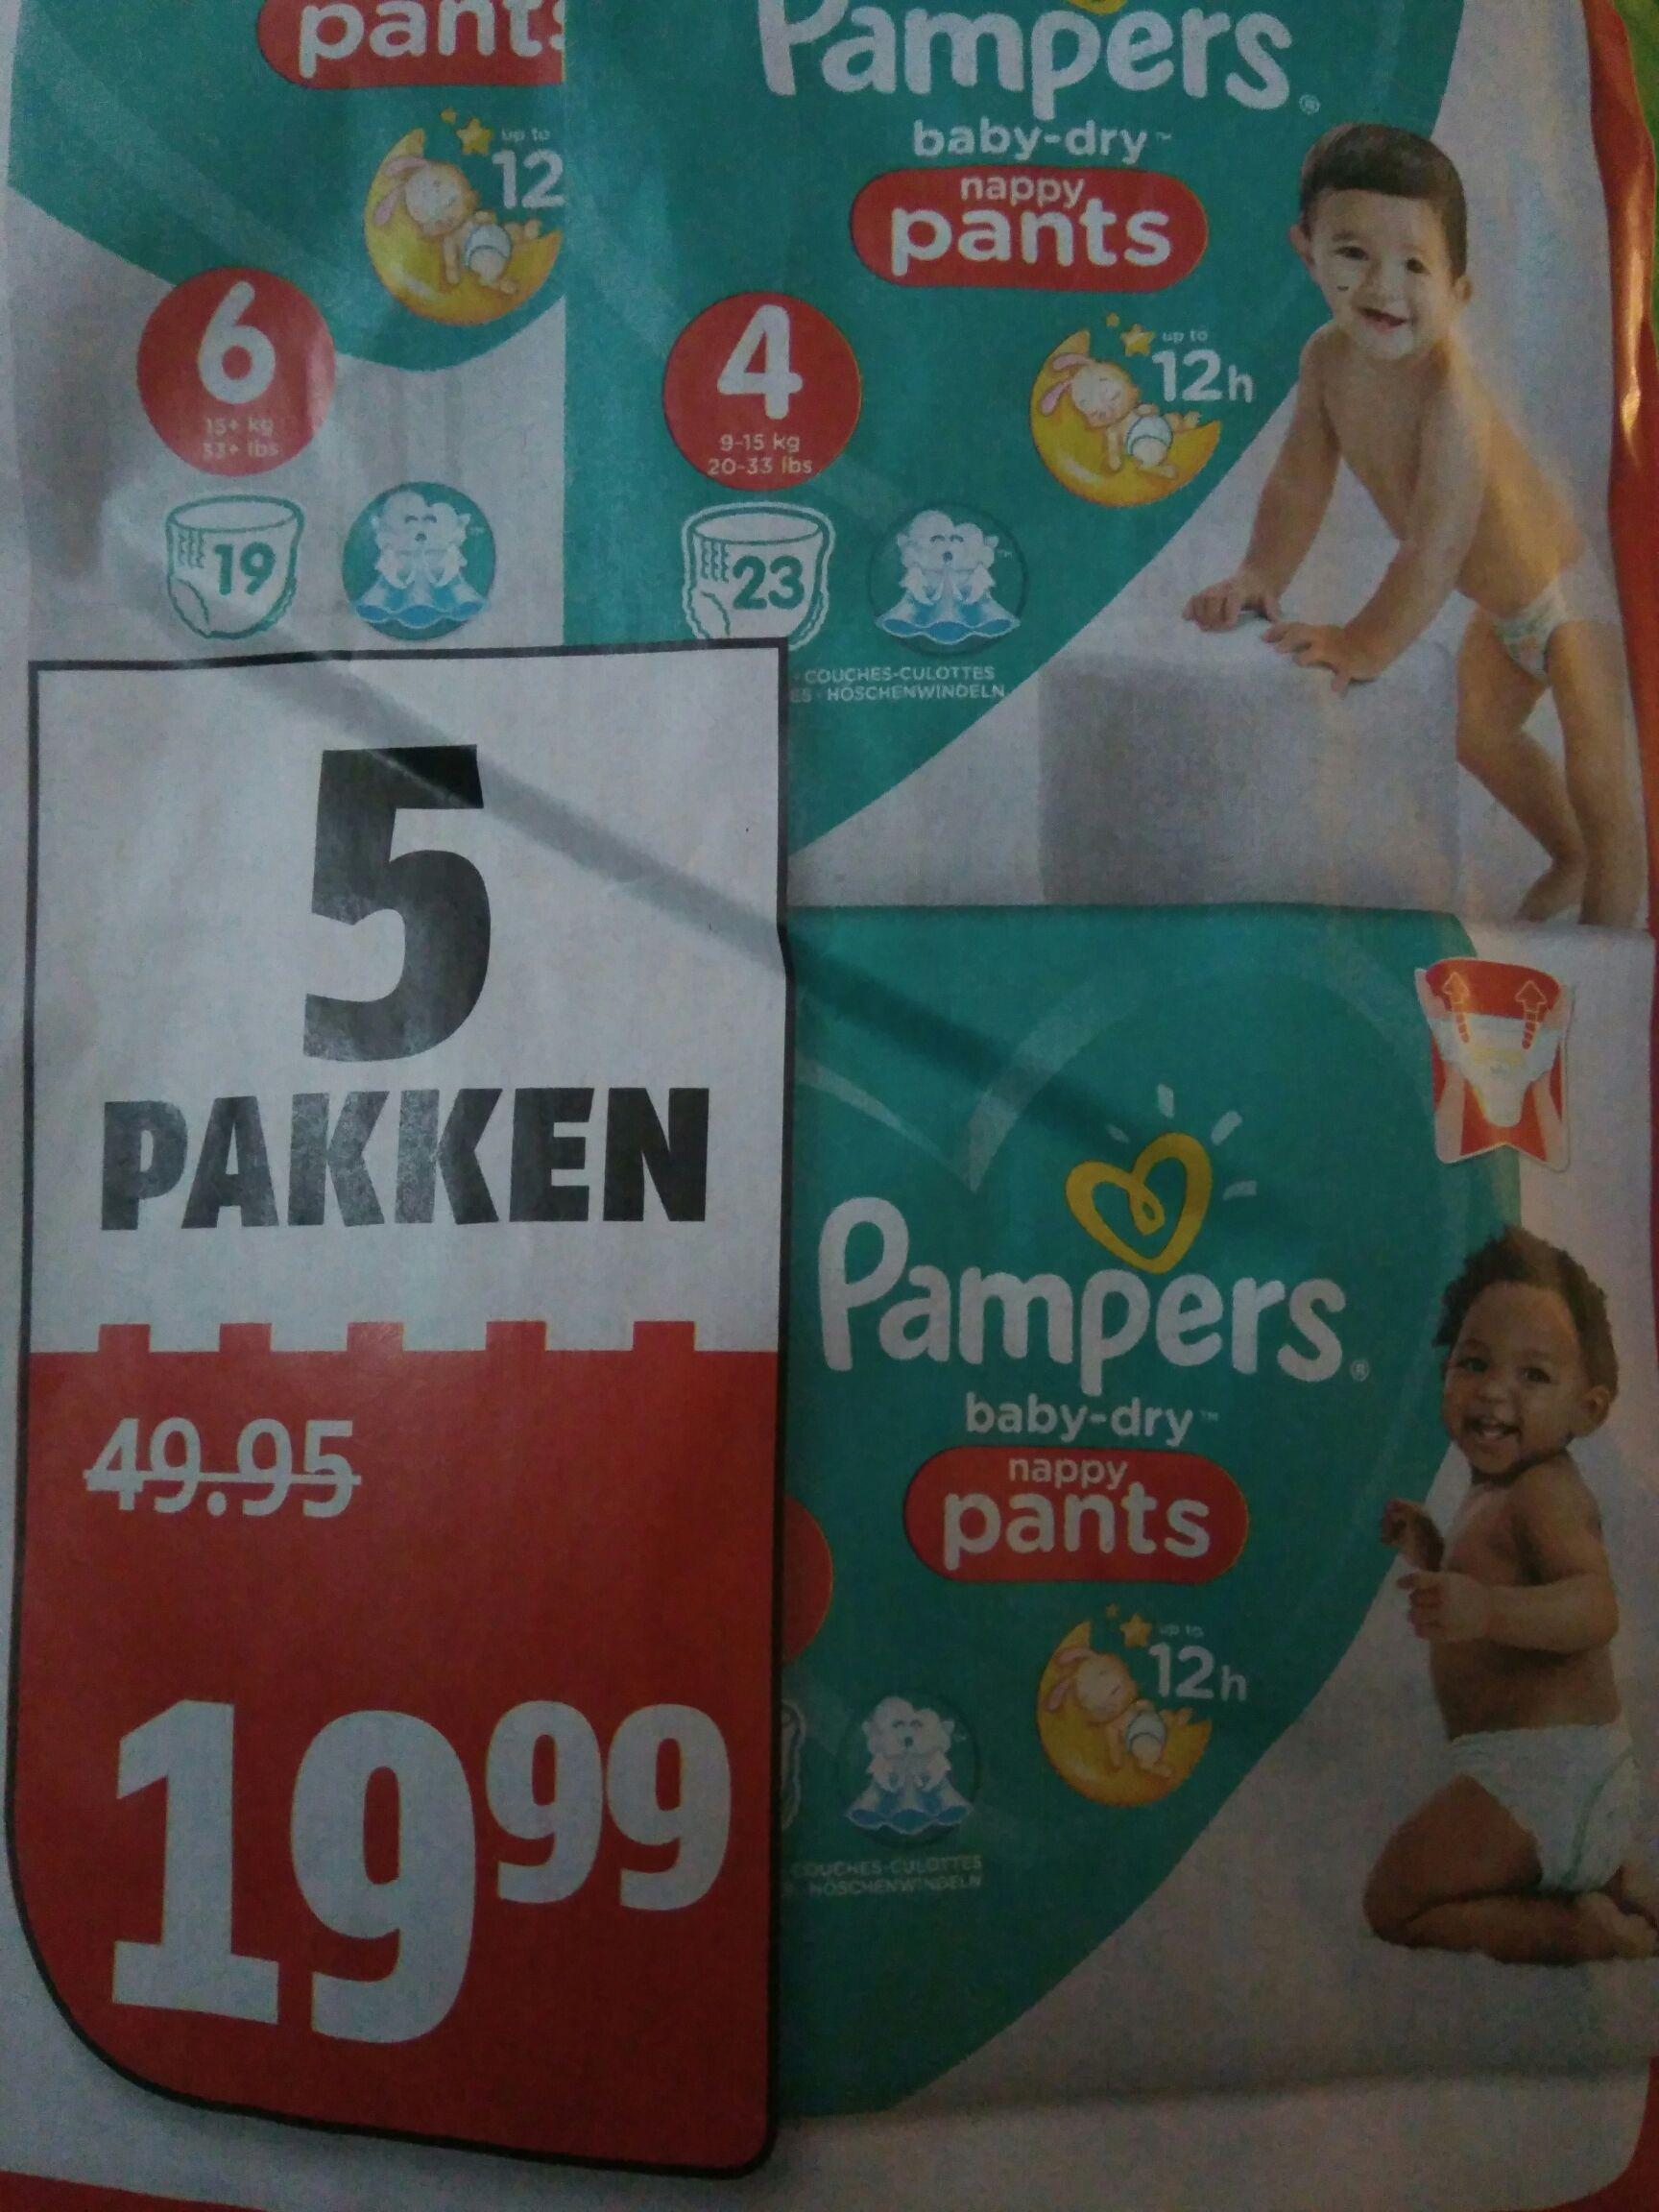 Alle Pampers luierbroekjes 5 pakken voor €19,99 (-60%) @Poiesz